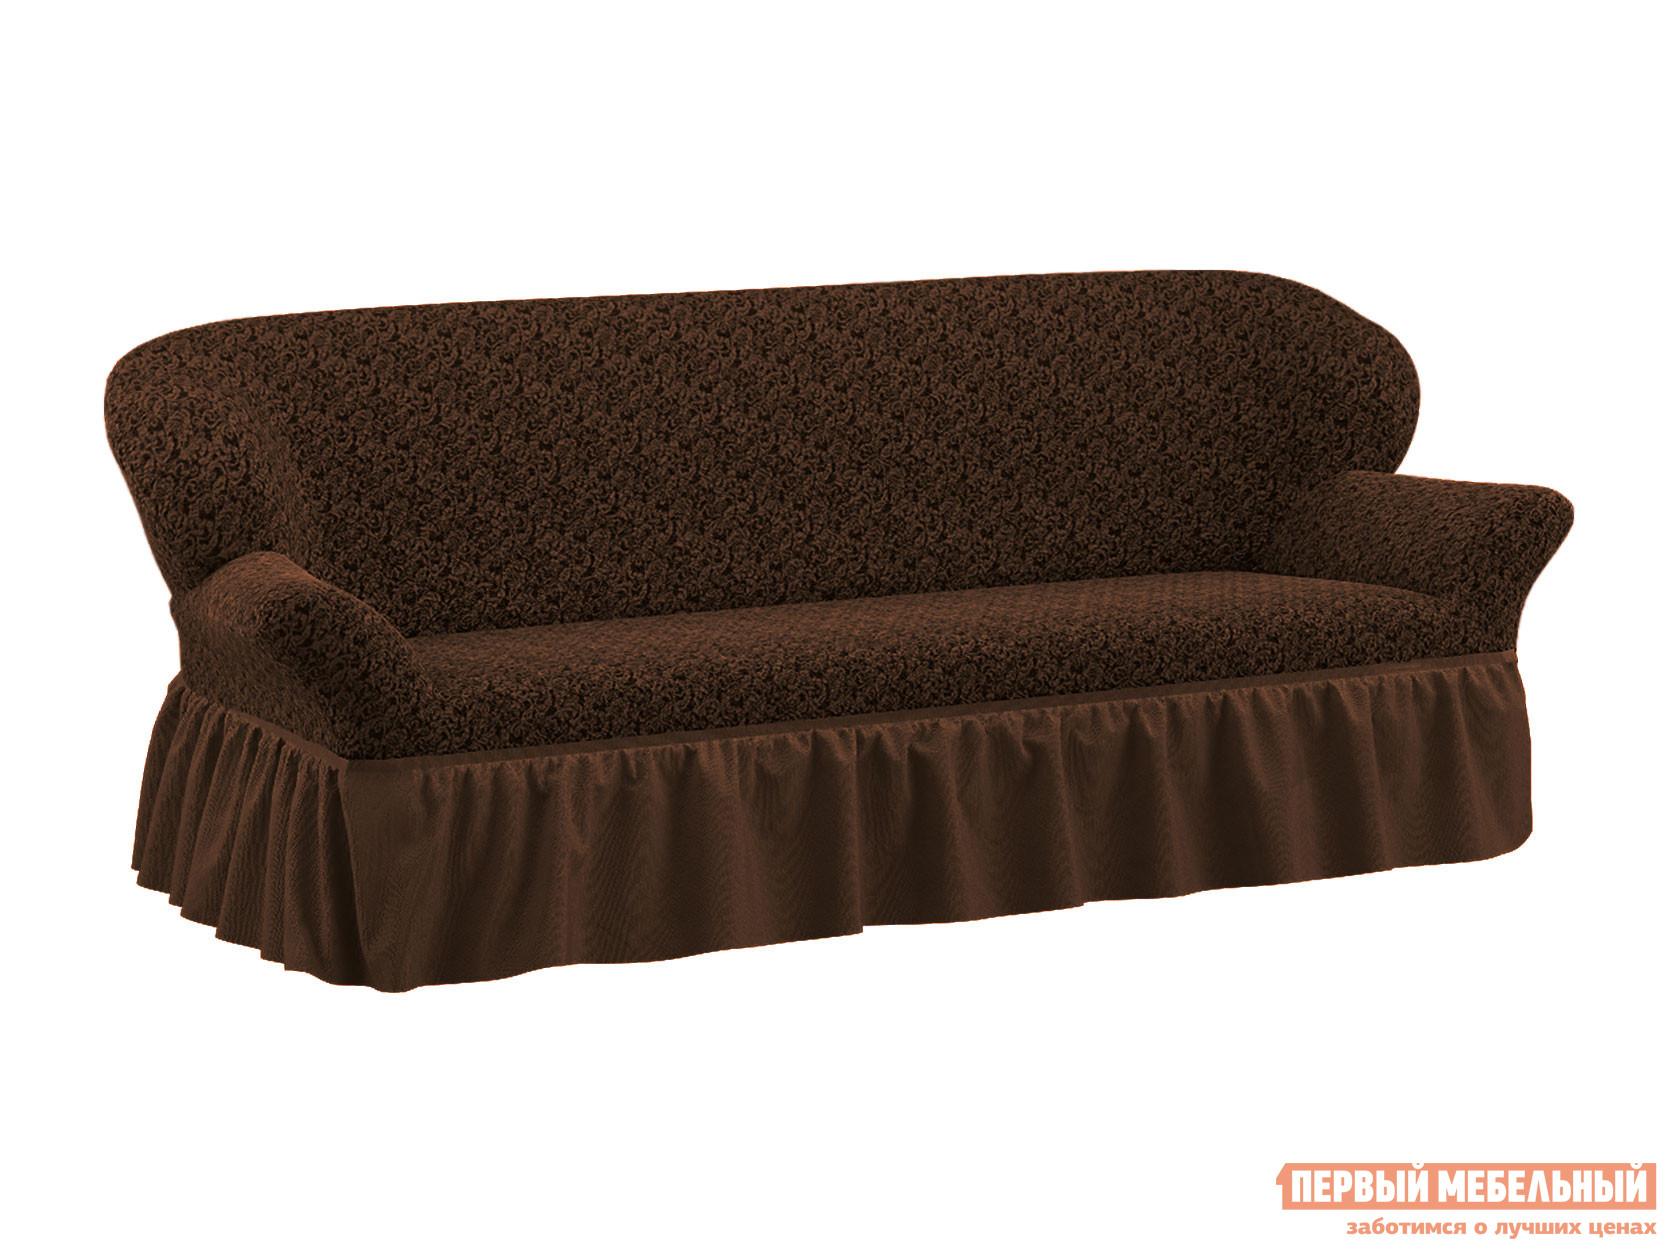 Чехол для трехместного дивана Первый Мебельный Чехол на трехместный диван жаккард с юбкой